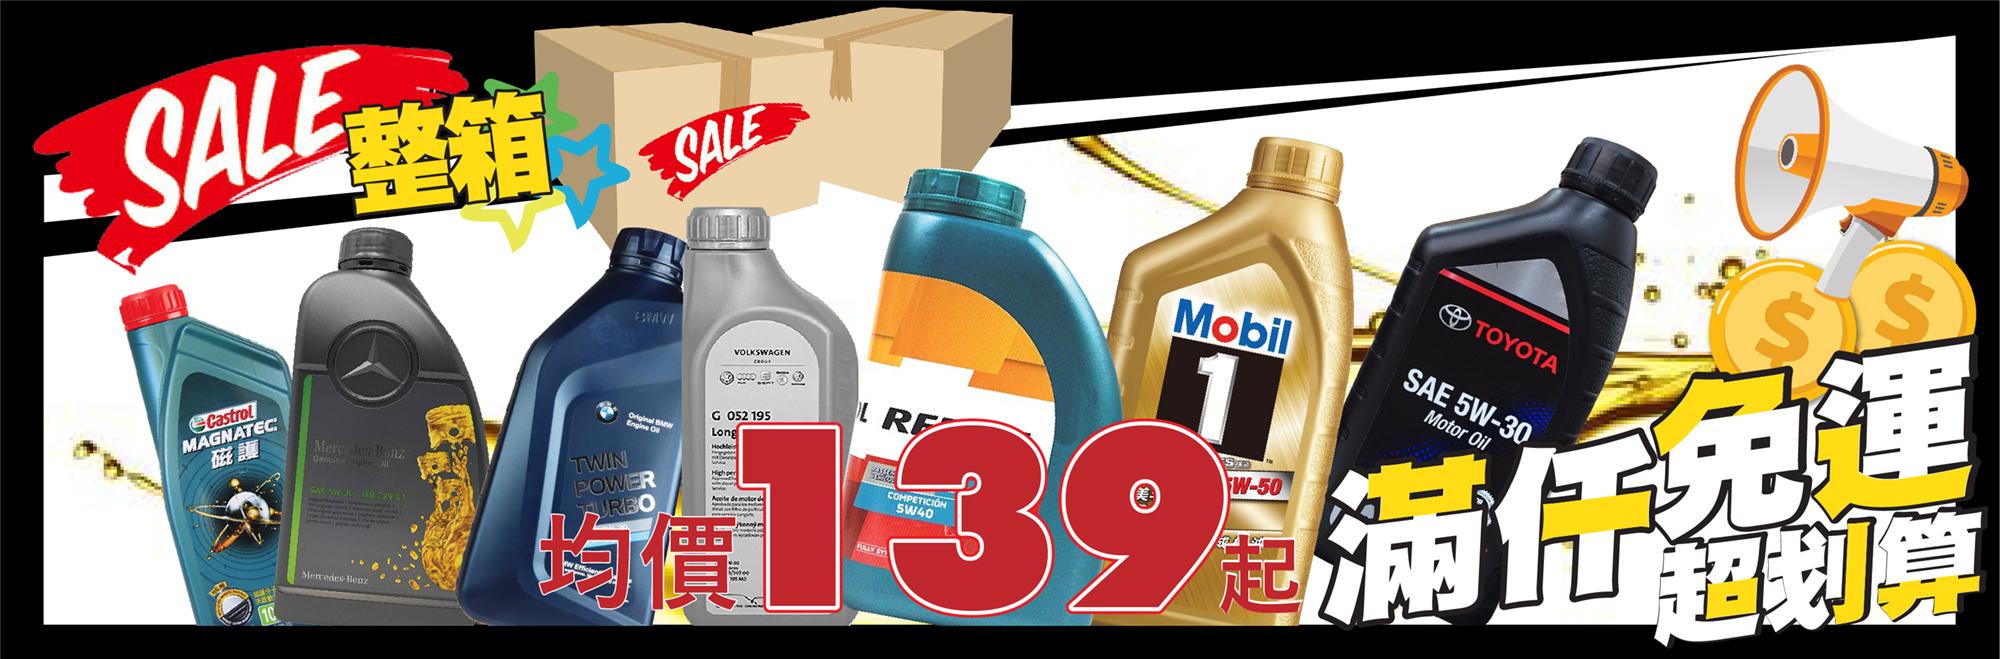 88節機油單罐119元起,整箱1188元含運,平均單價99元起,美孚,亞拉,eni,賓士